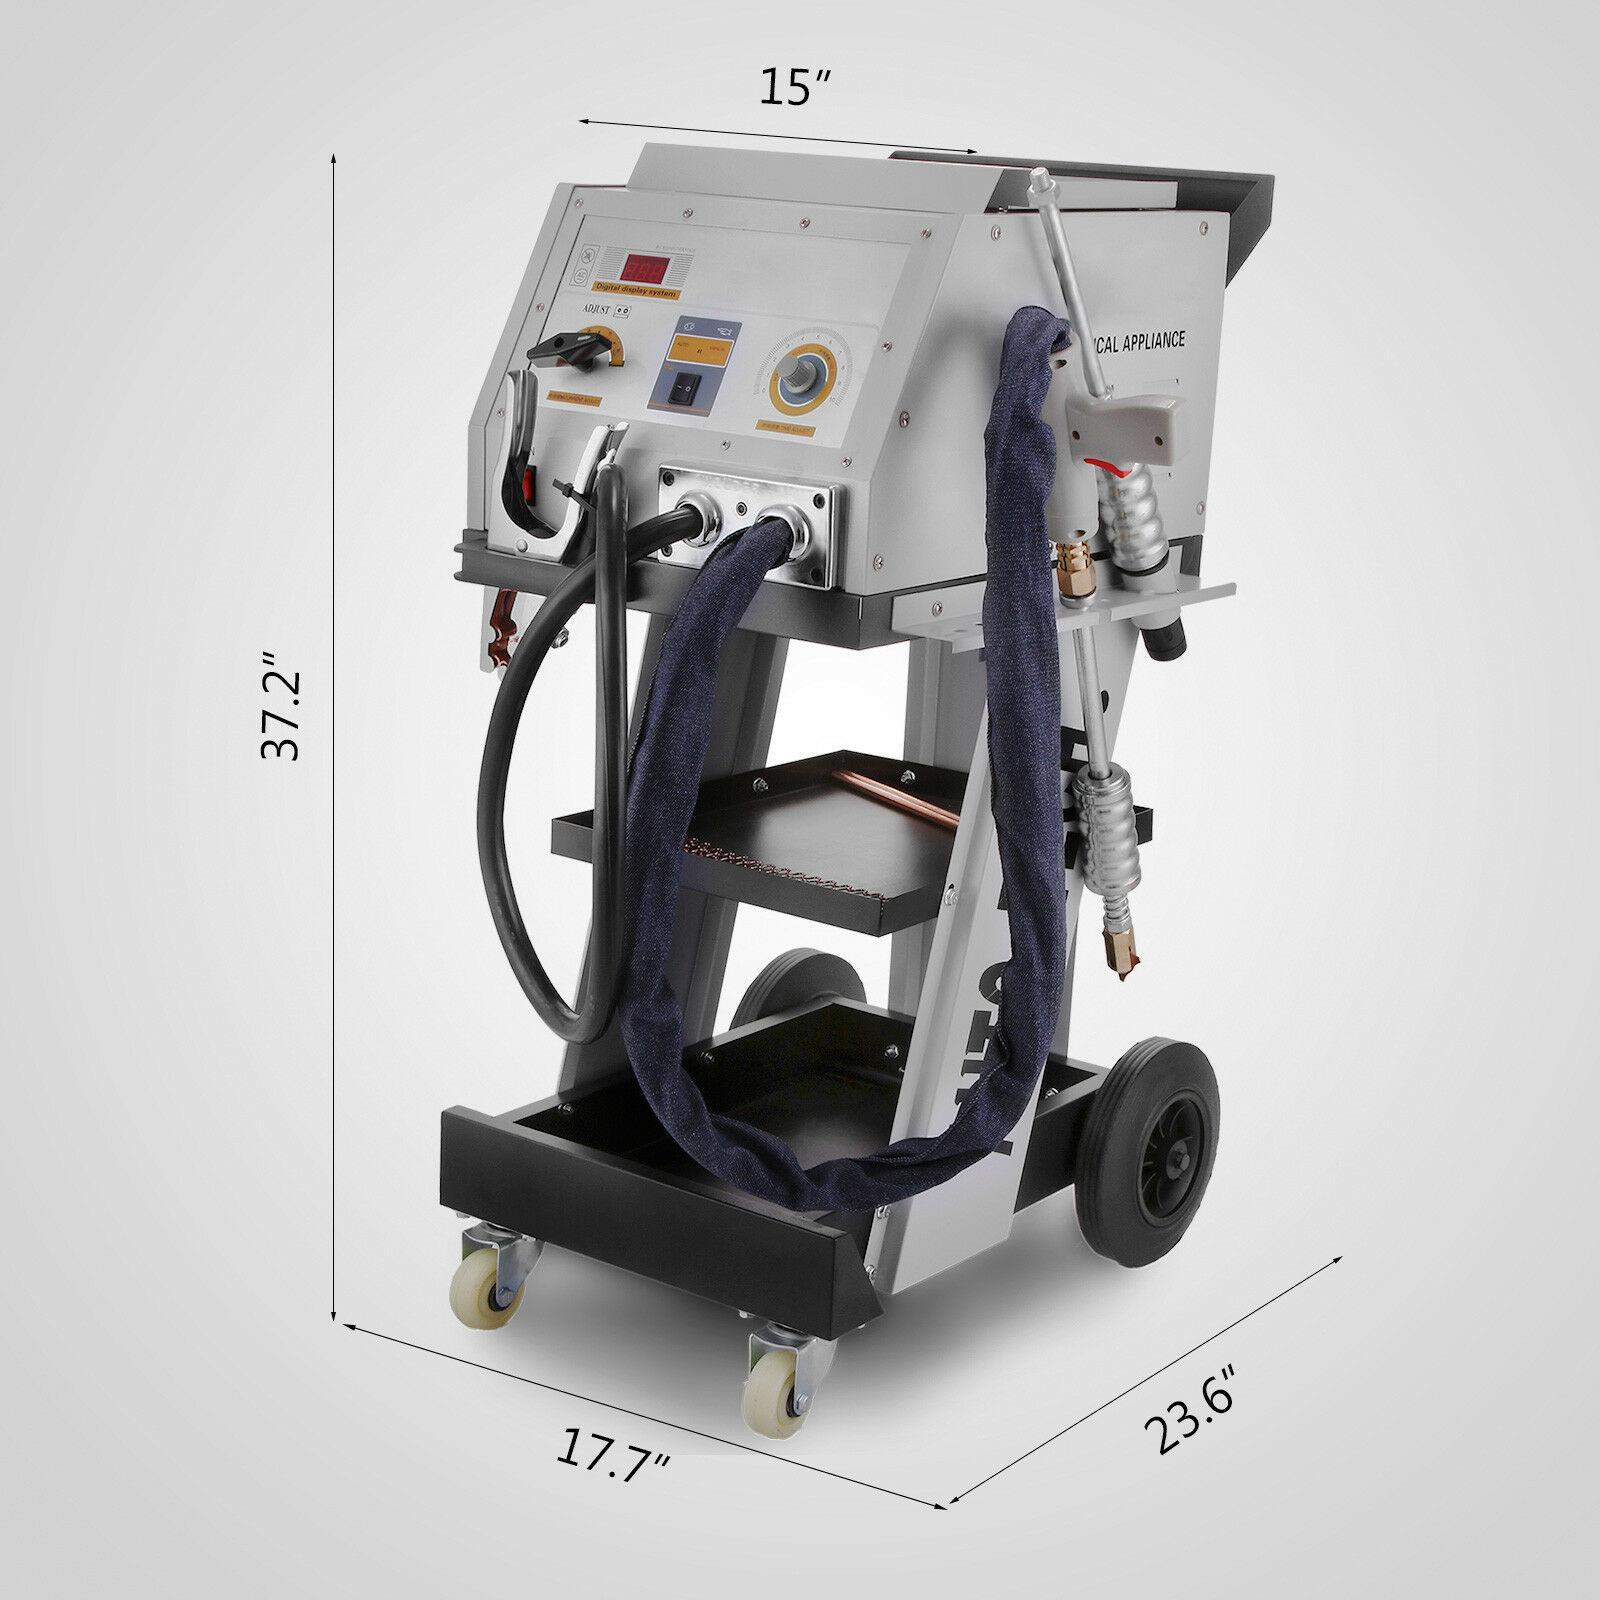 DL-4500 вмятин Съемник ремонт комплект контурный шприц сварочный аппарат AC 400V 5600Amp